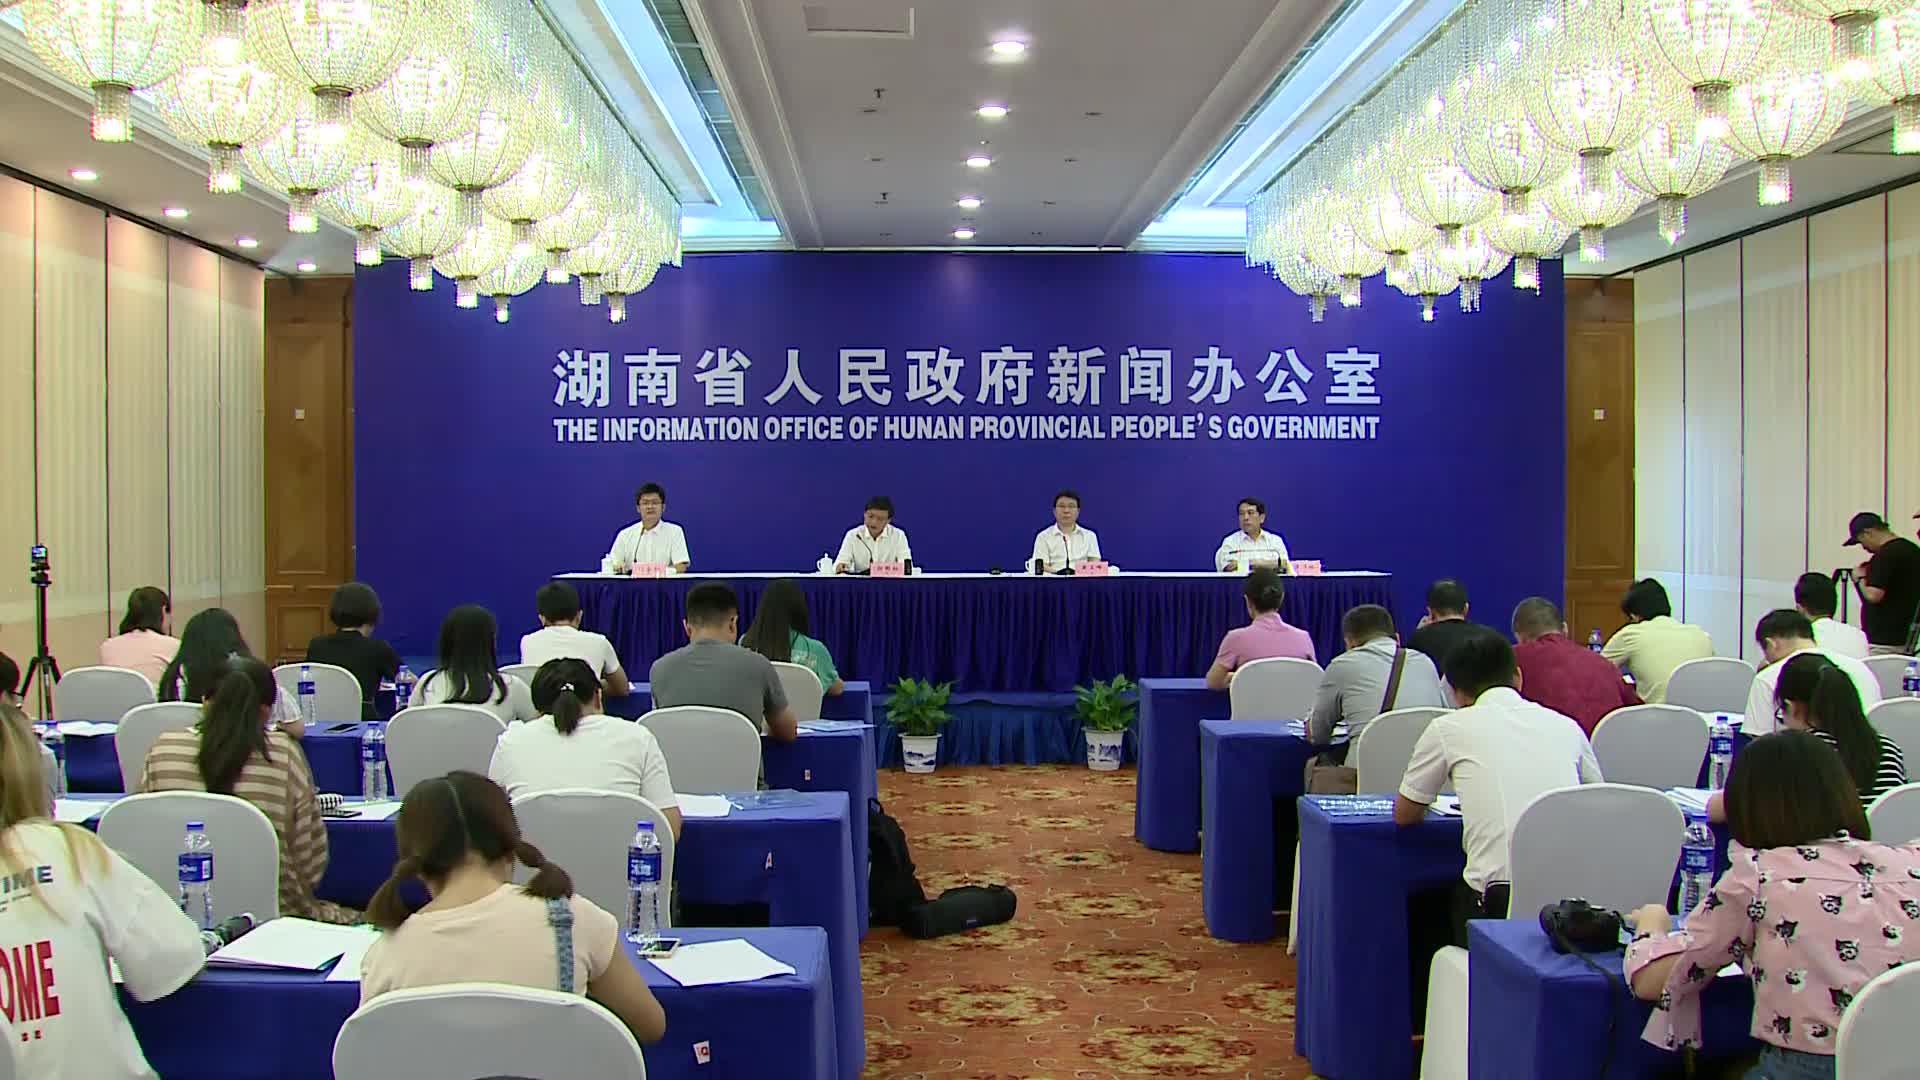 【全程回放】2018中国湖南国际旅游节新闻发布会